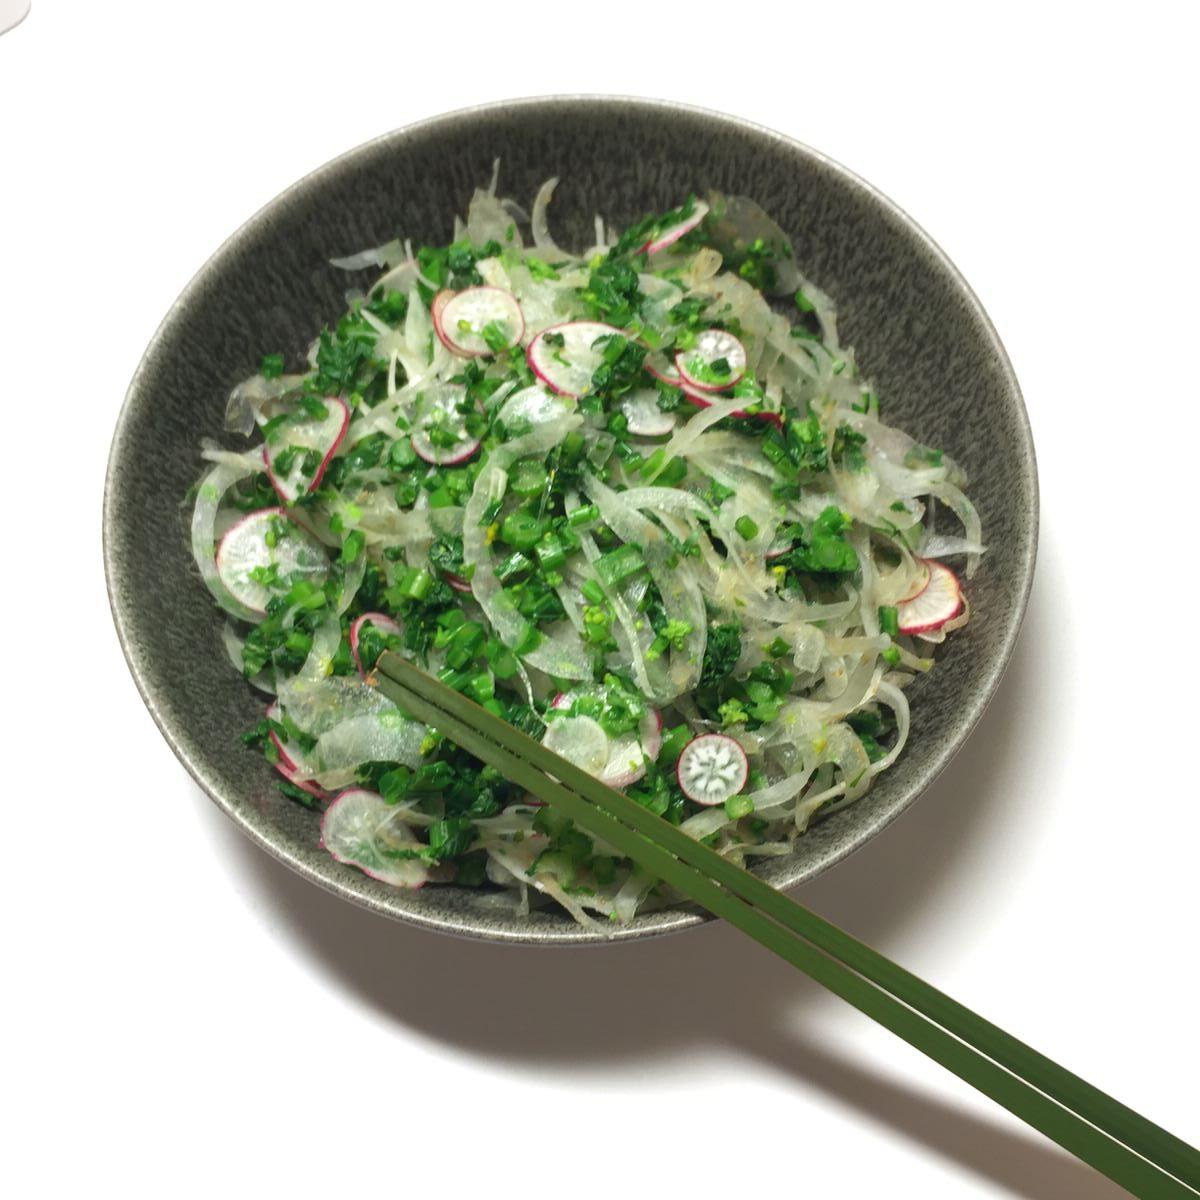 なばな・新玉ねぎのサラダ 直売所で買った新鮮野菜で作る簡単レシピ